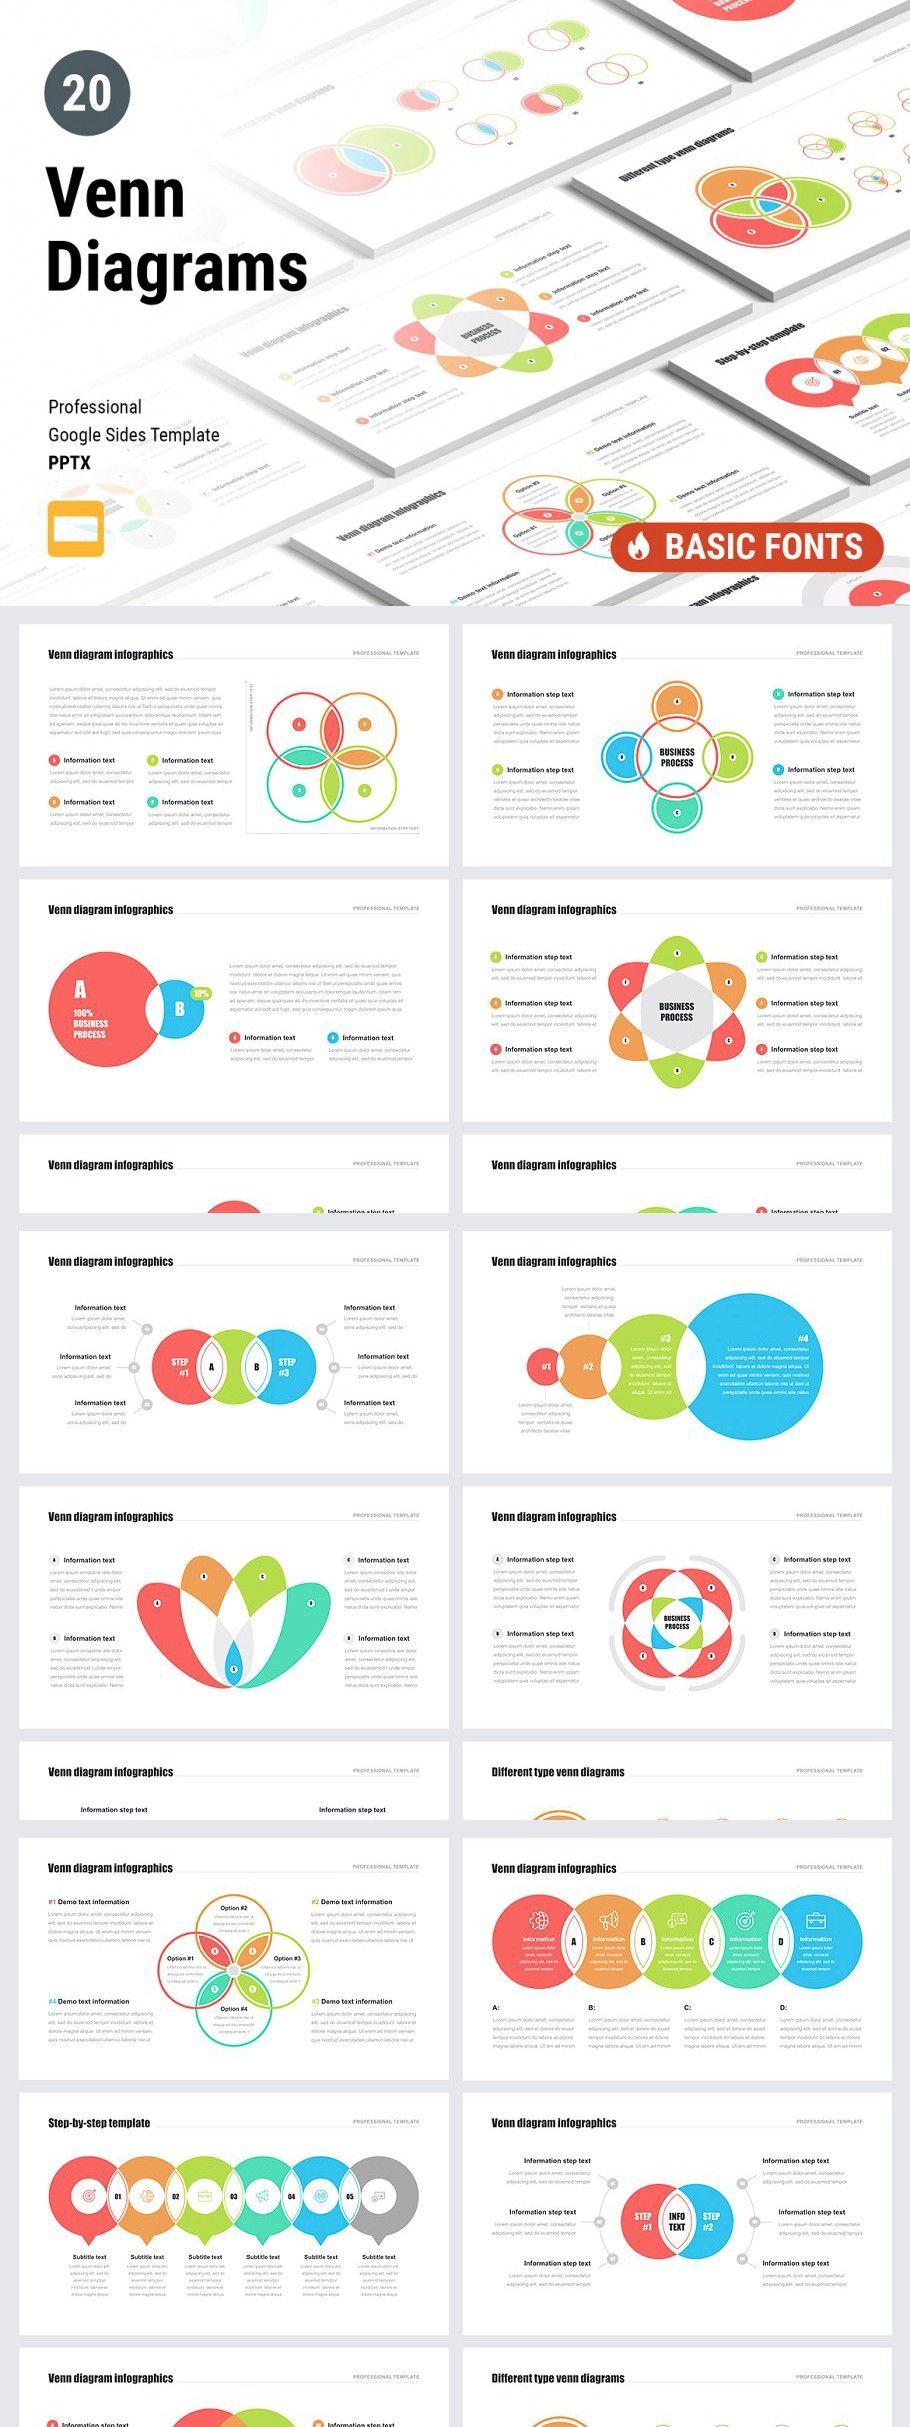 Venn Diagrams Pack for Google Slides in 2020 | Google ...